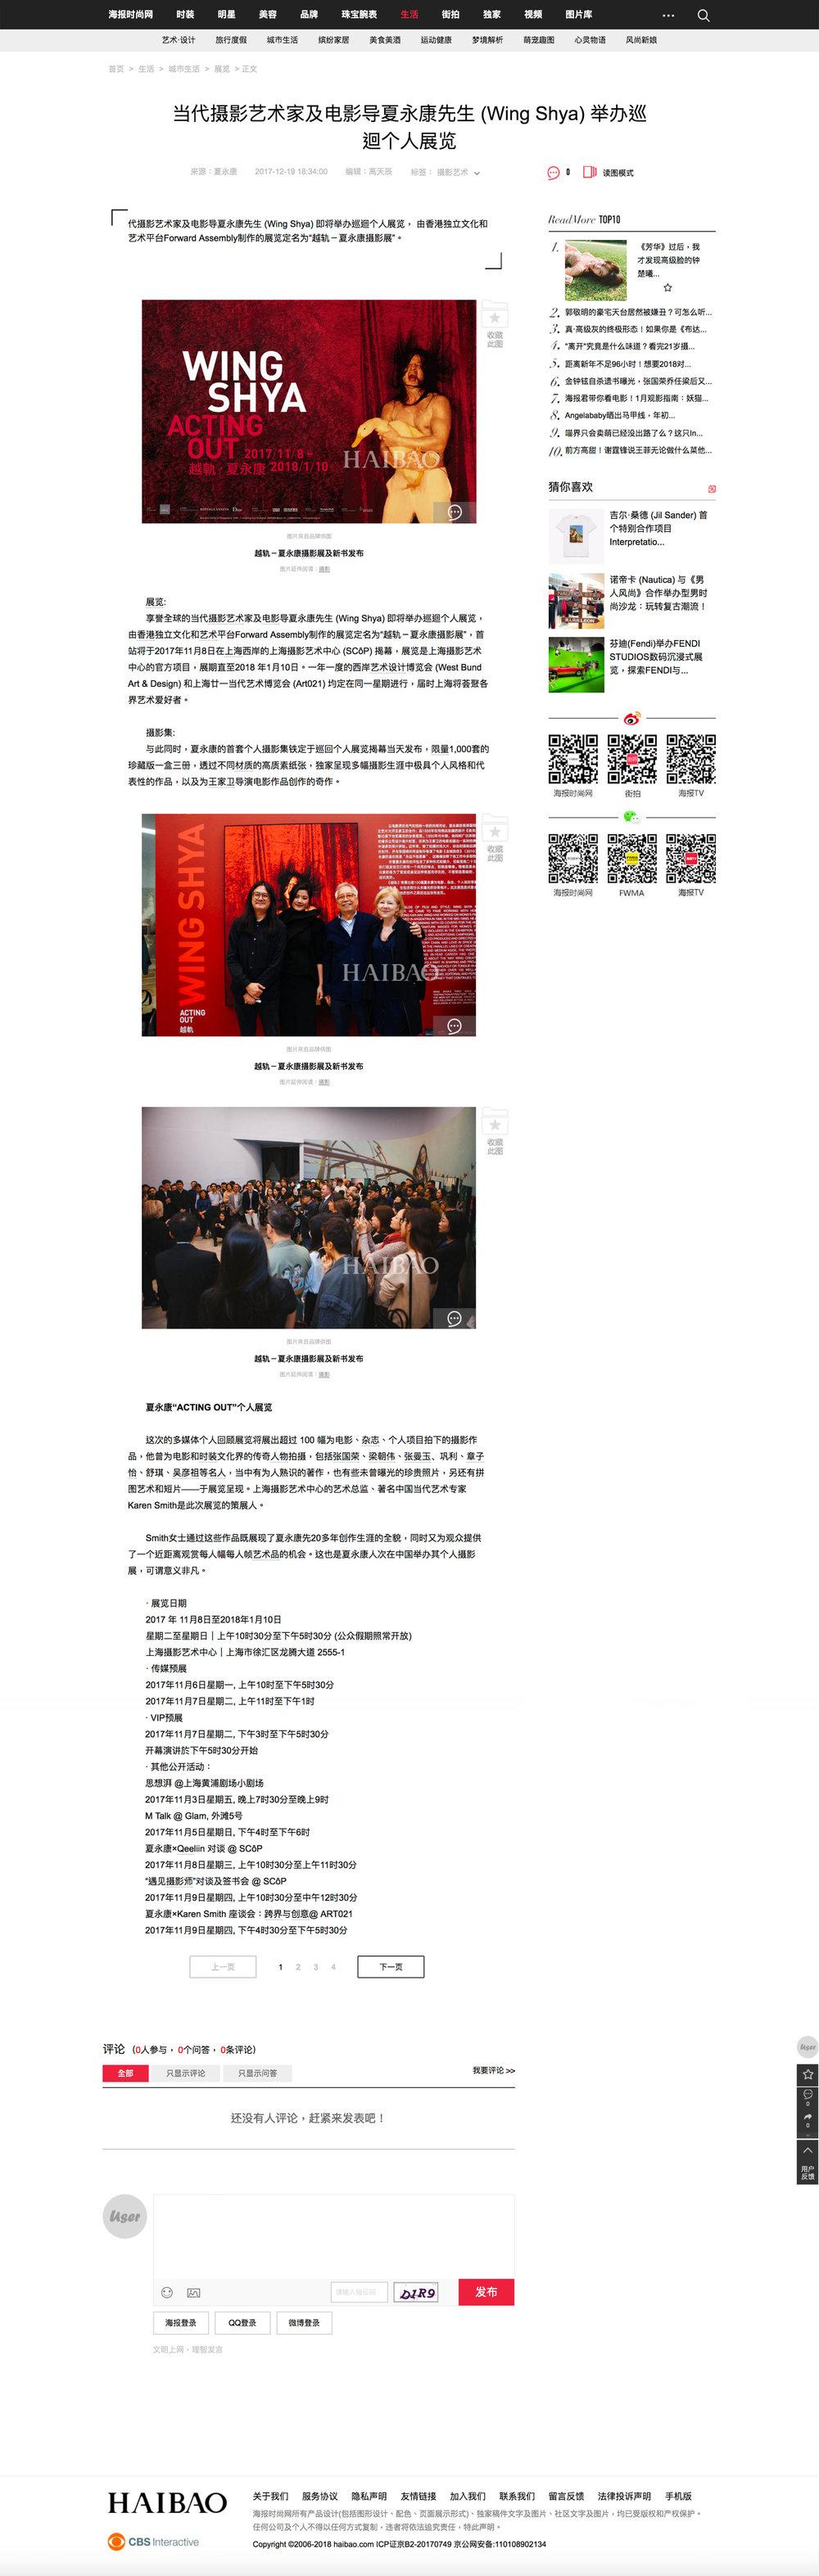 Haibao.jpg